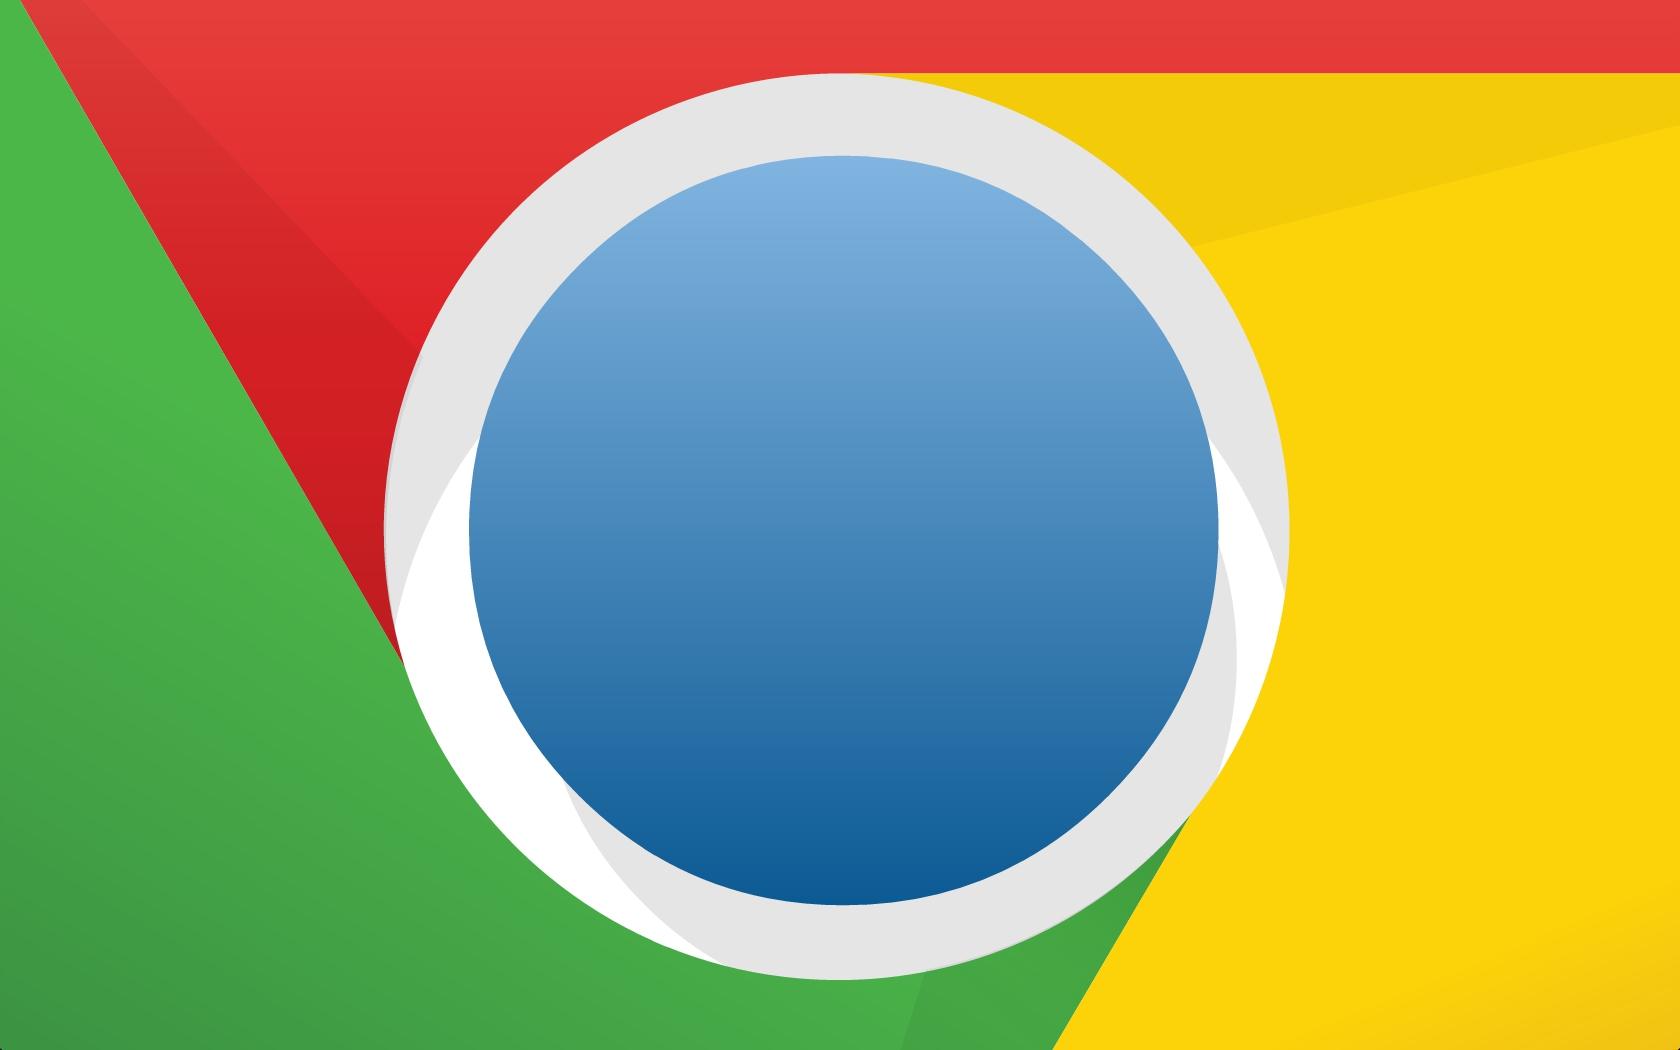 Chrome 55 molto più leggero su RAM (-50%) e batteria